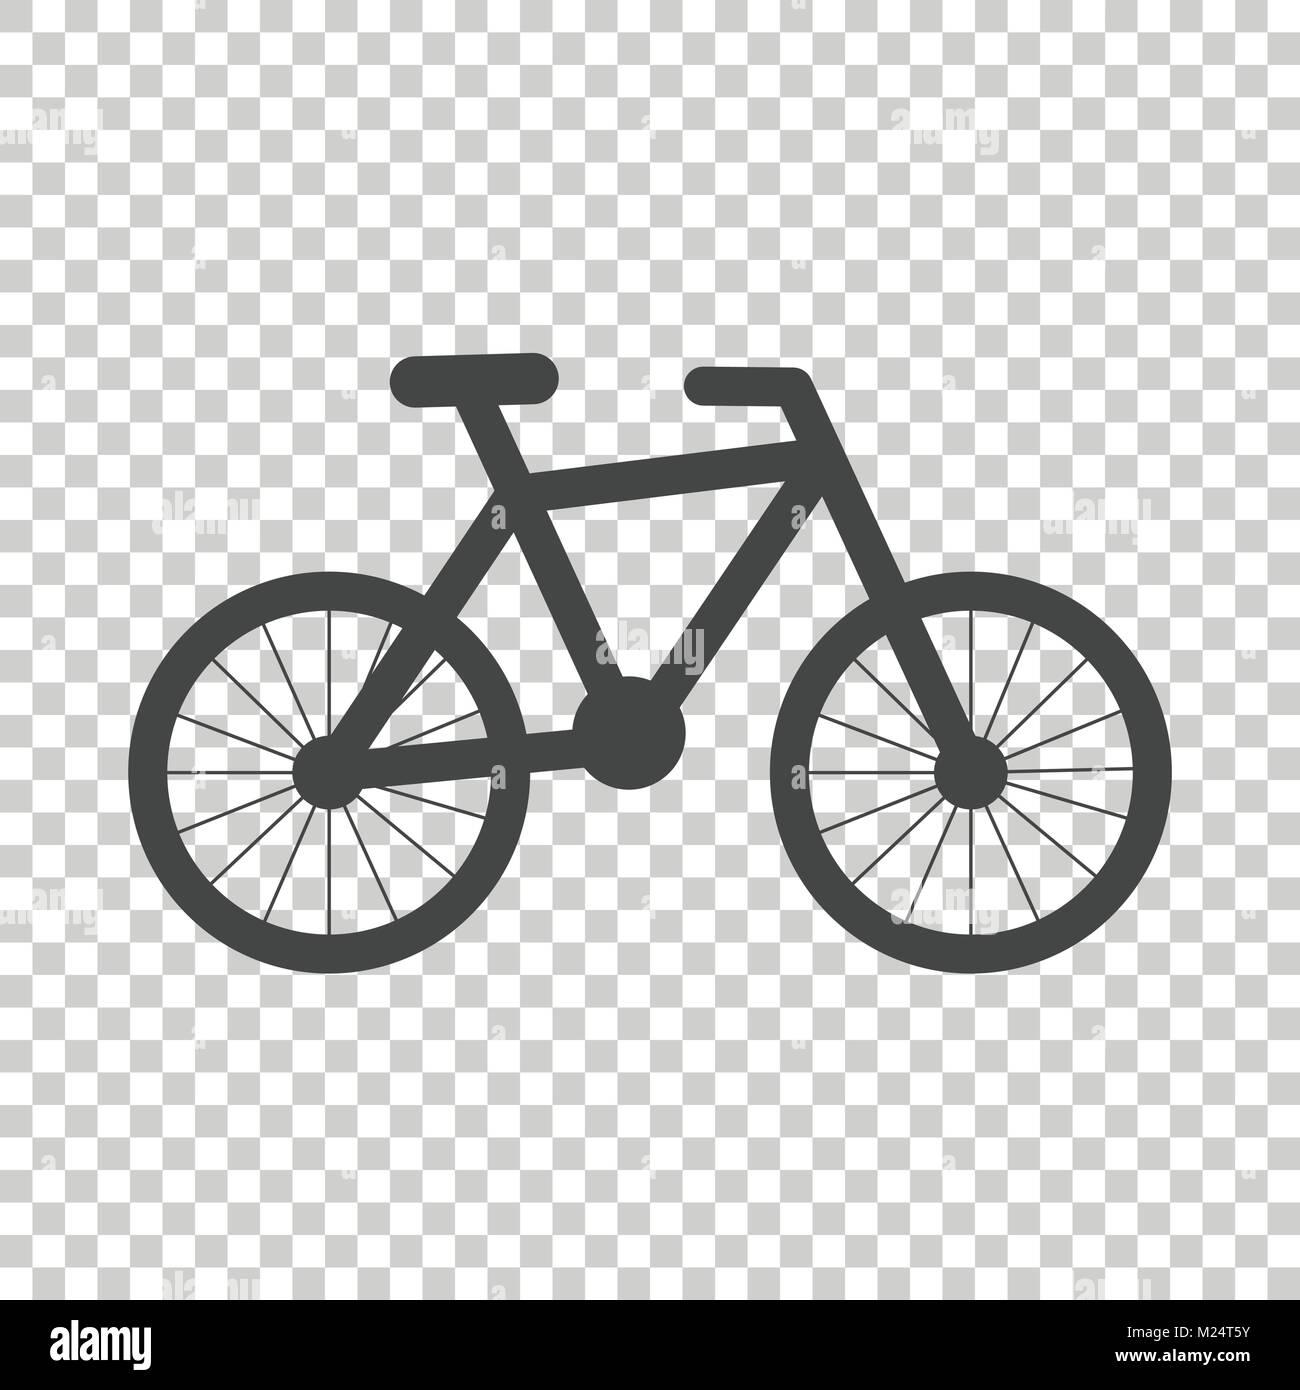 Silhouette Bike Icona Sullo Sfondo Isolato Bicicletta Illustrazione